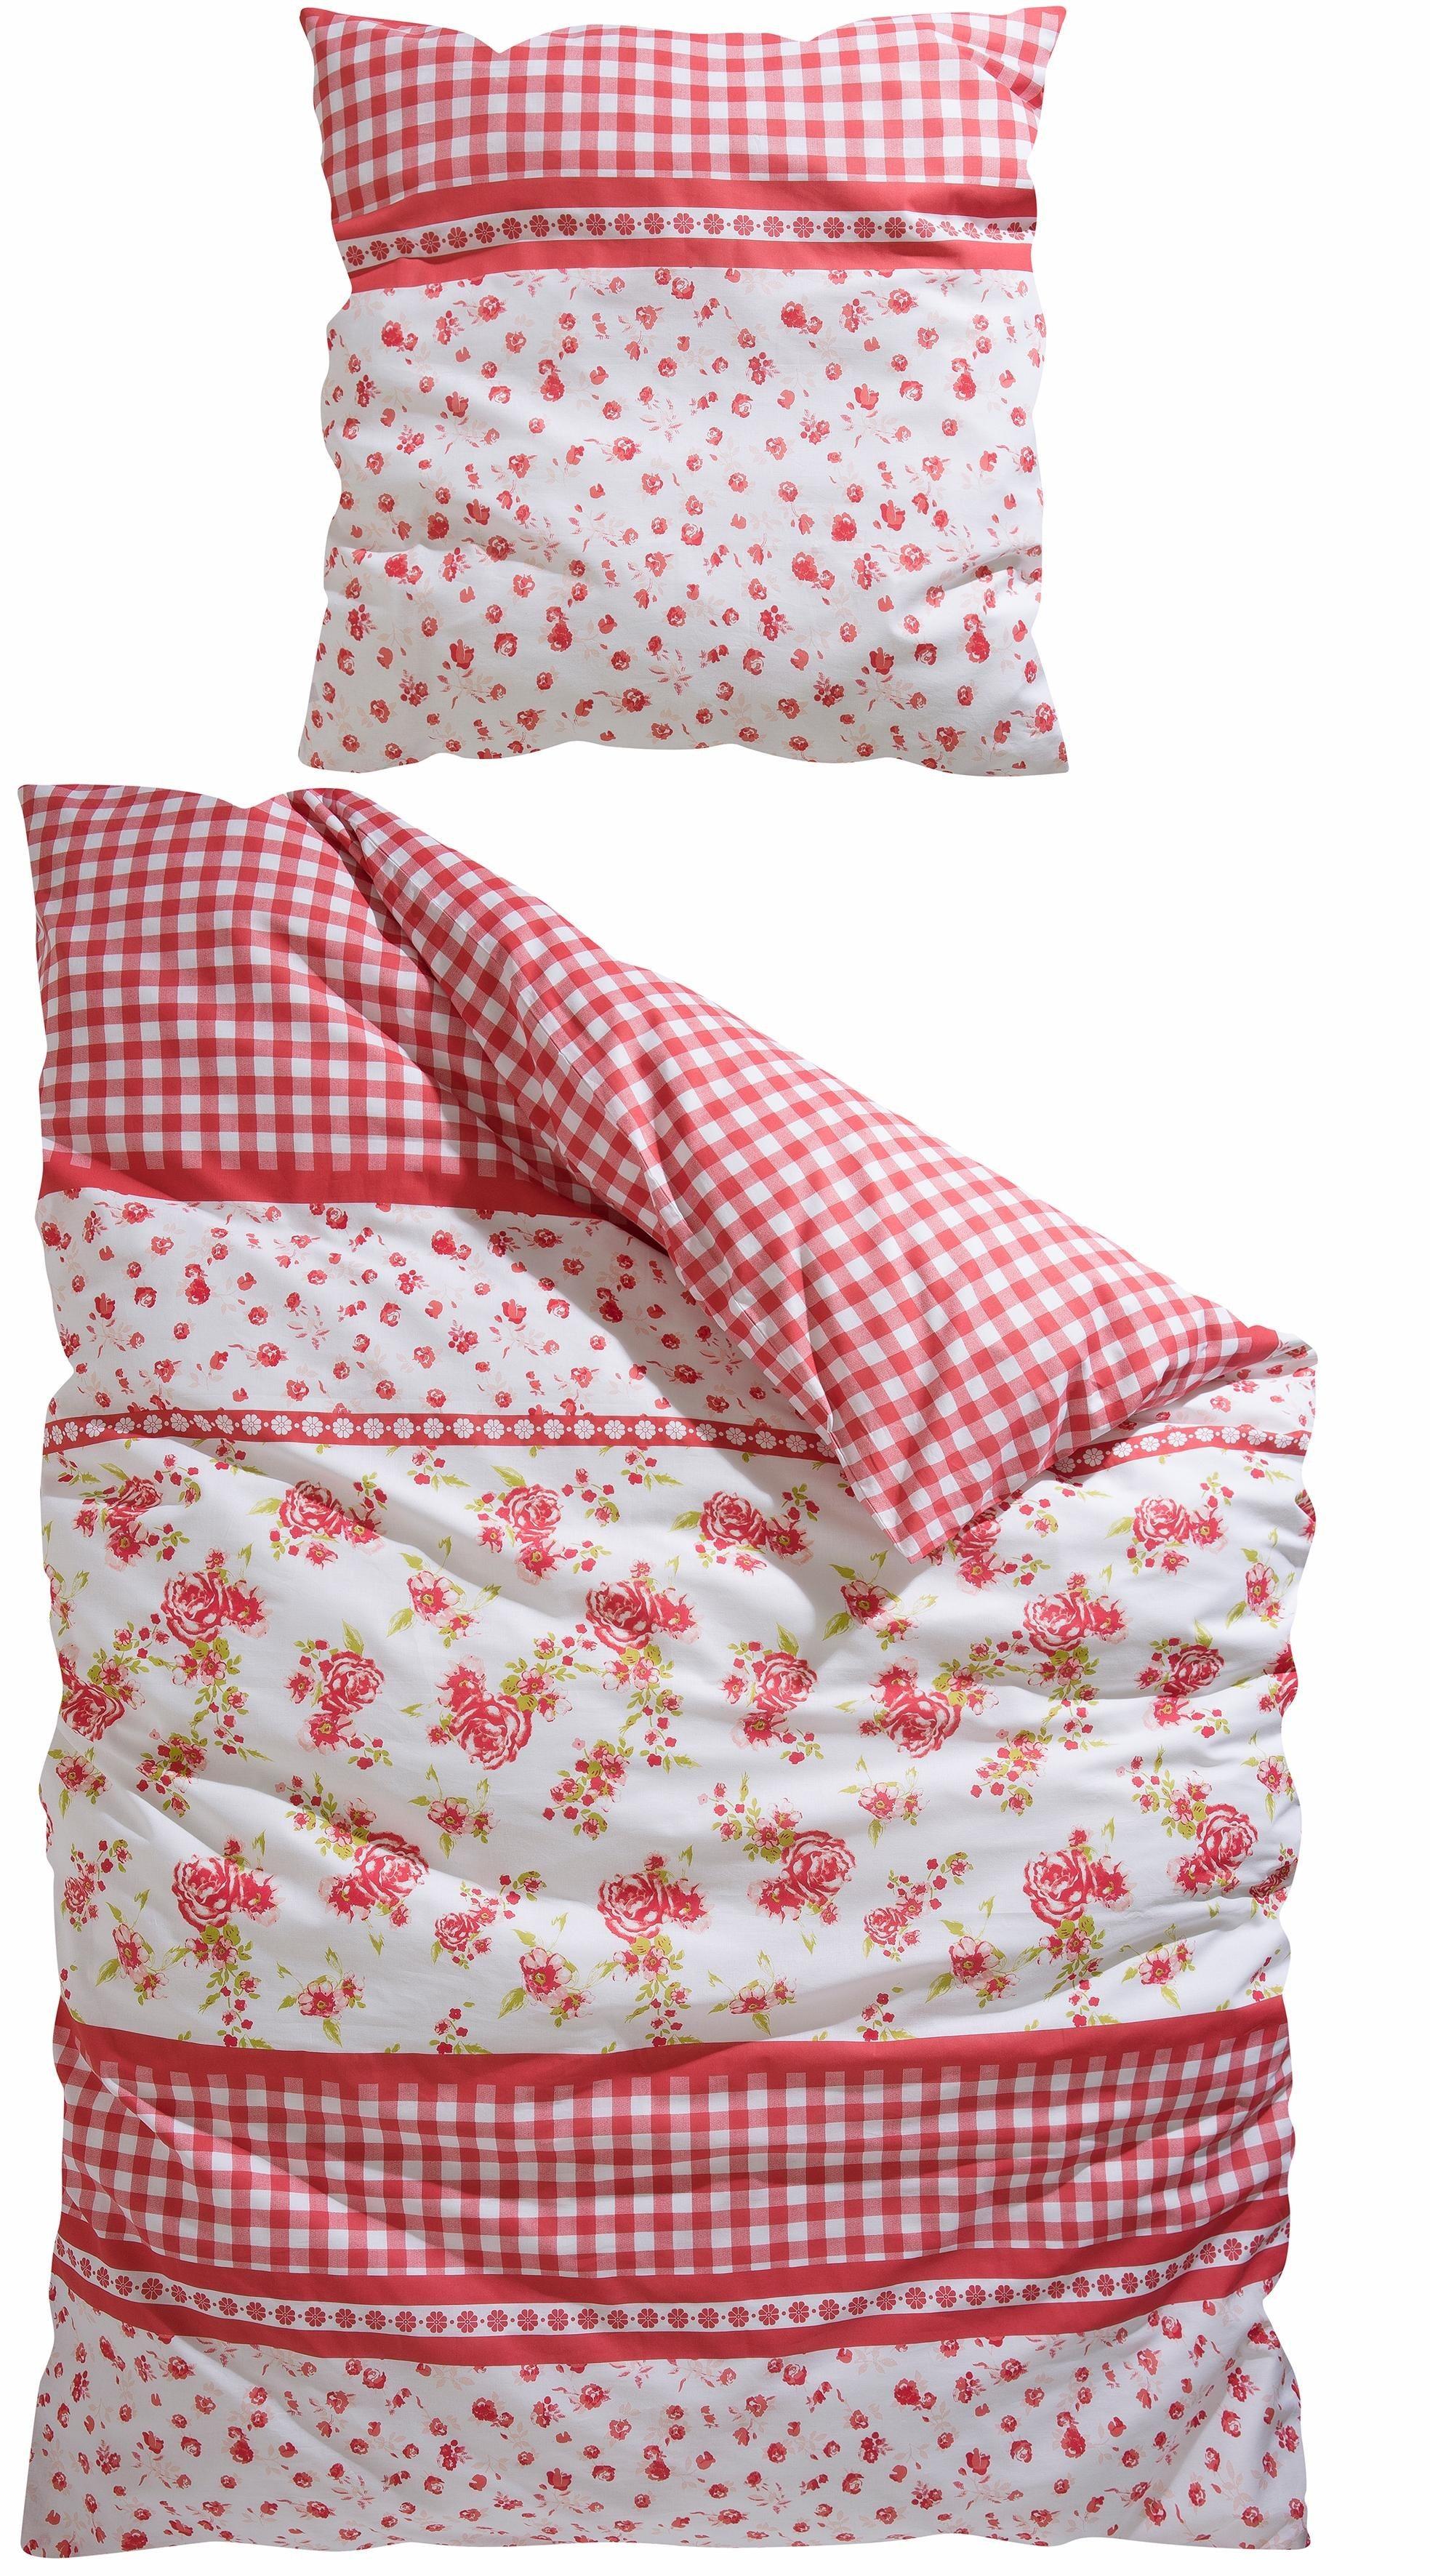 bettw sche landhausstil preisvergleich die besten angebote online kaufen. Black Bedroom Furniture Sets. Home Design Ideas